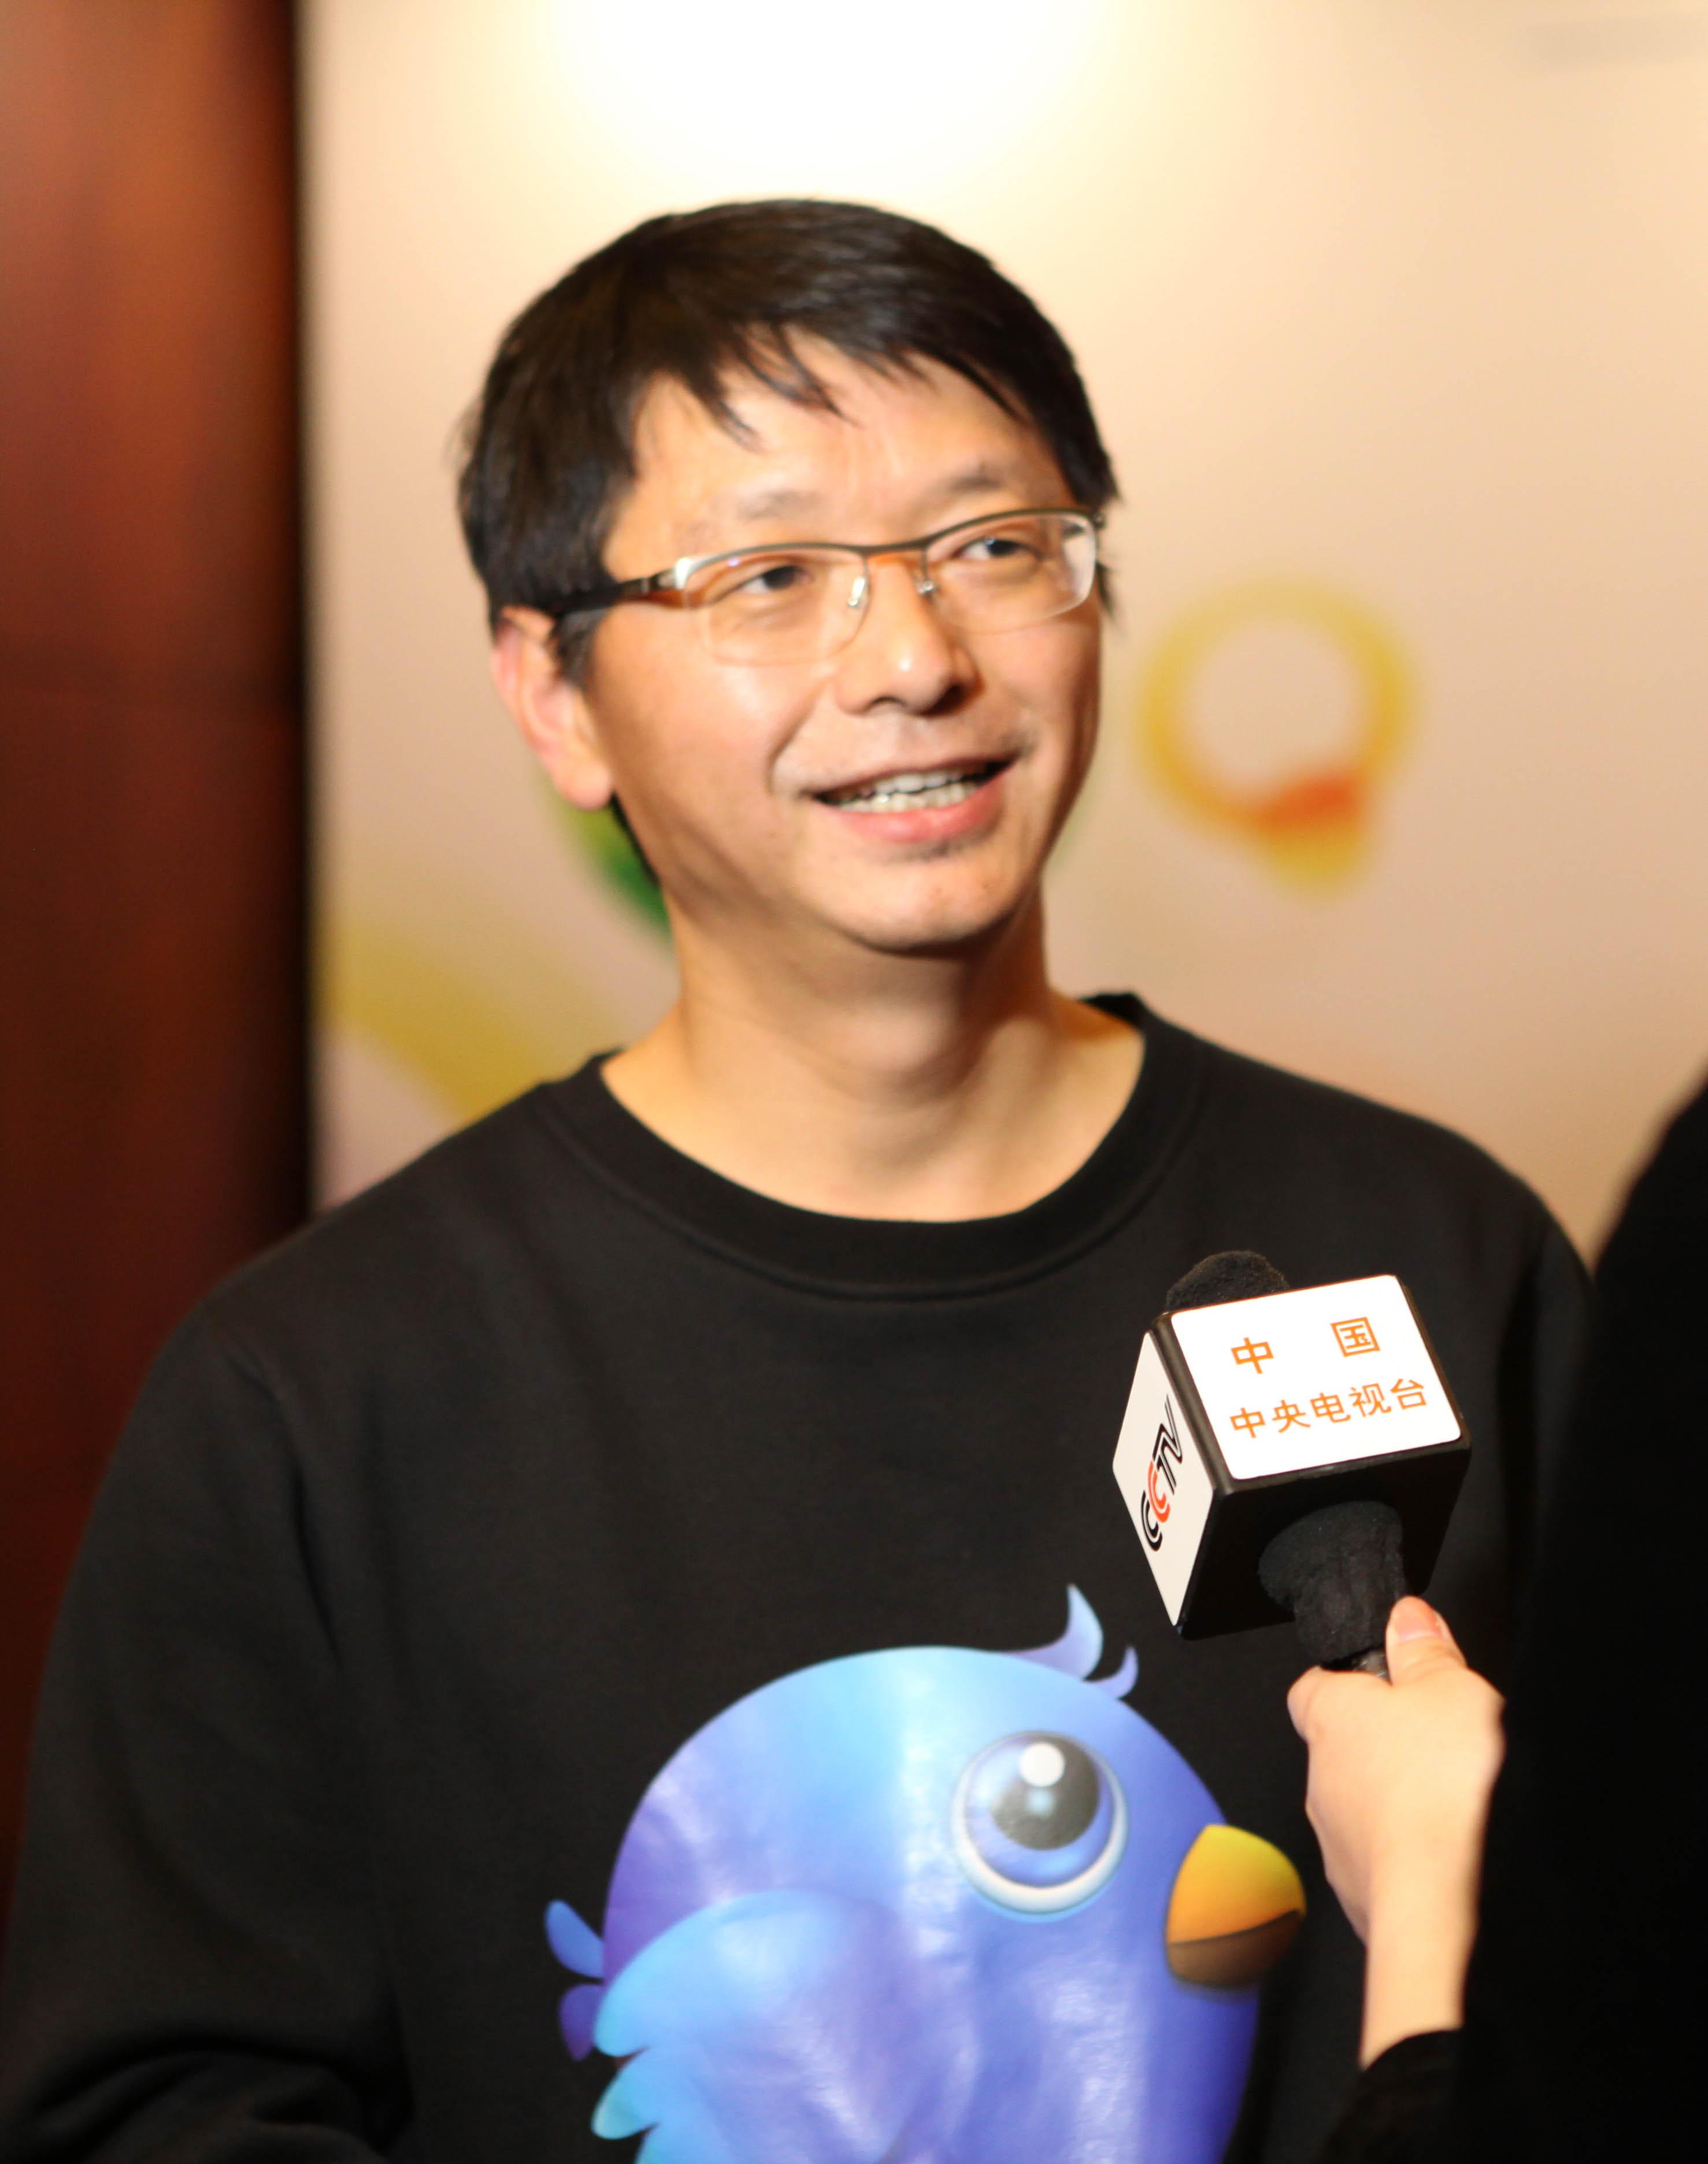 同洲电子袁明荣获2012广电十大风云人物奖